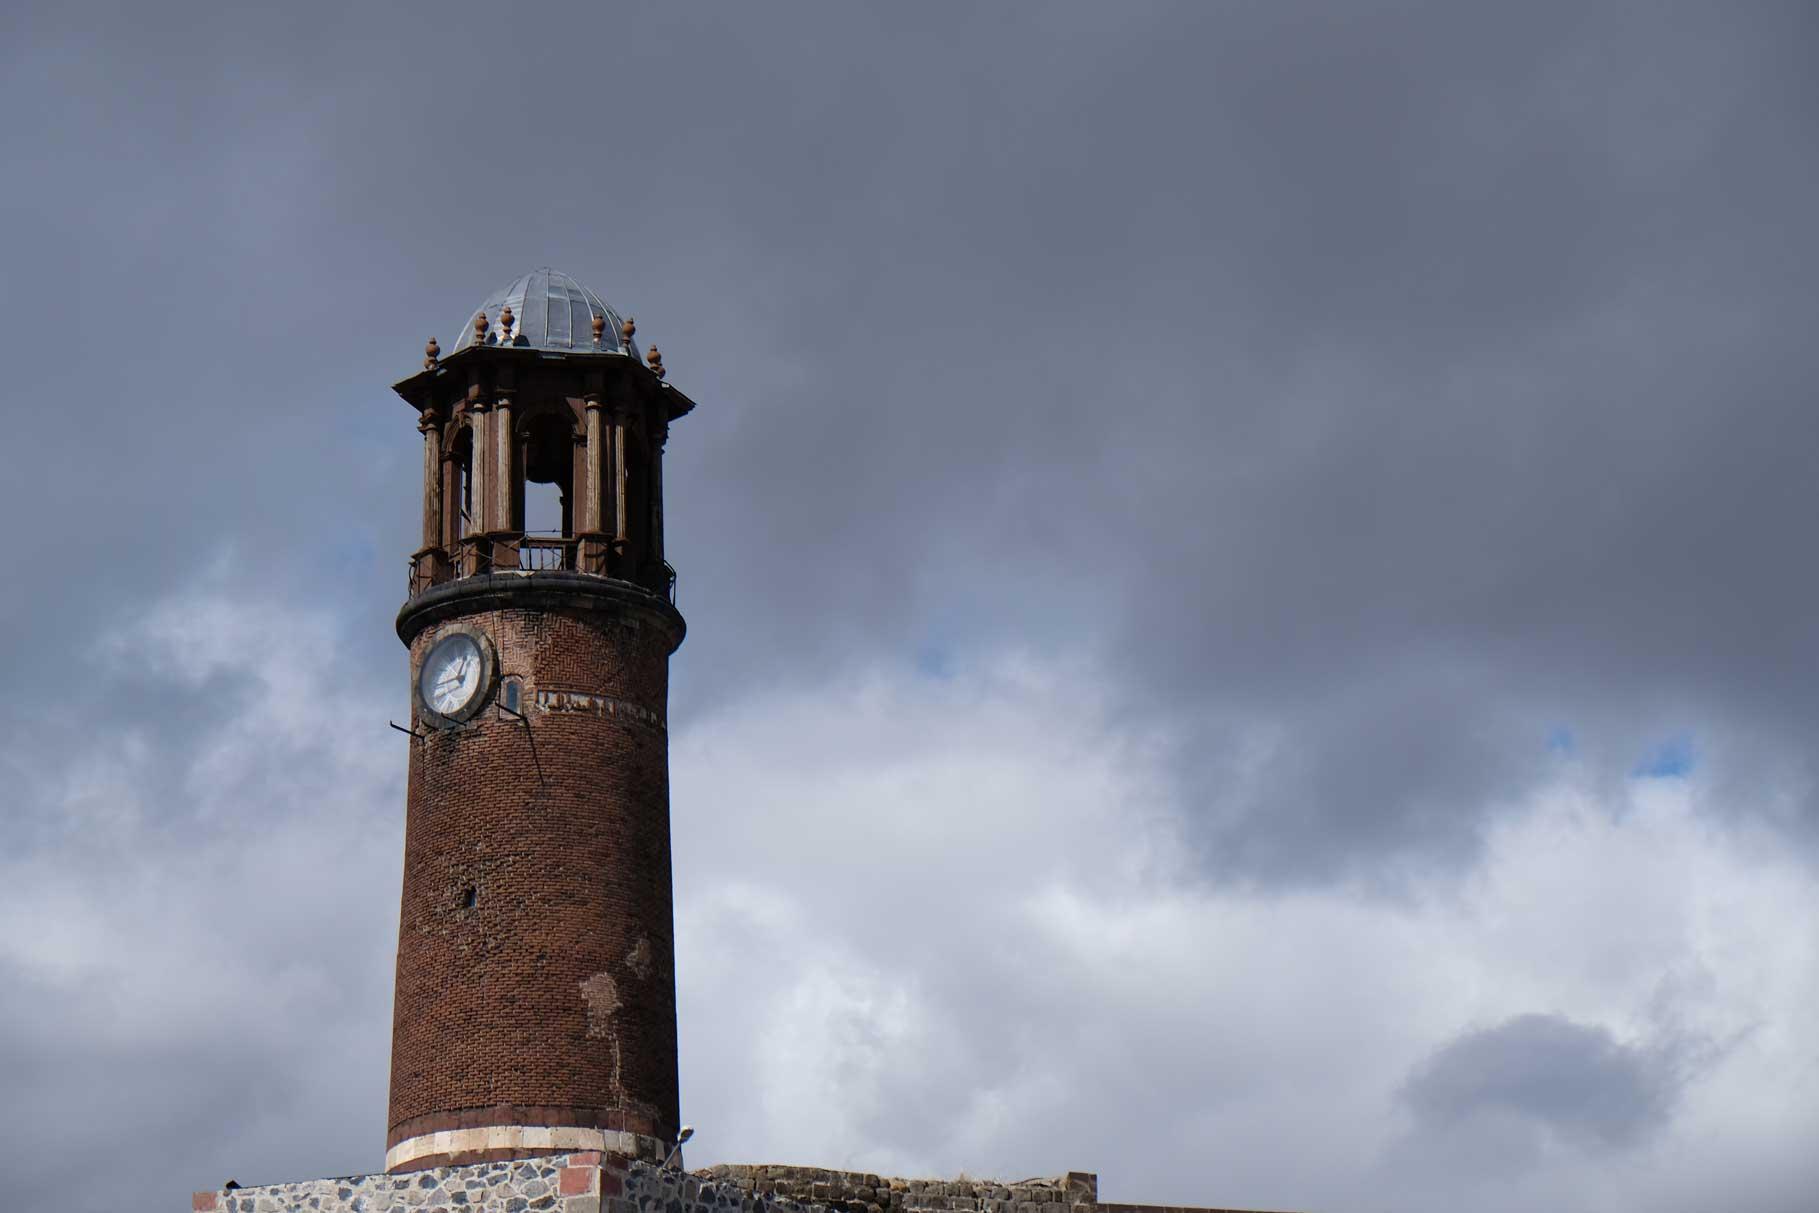 Wir nähern uns der Zitadelle, zu der dieser Uhrenturm gehört